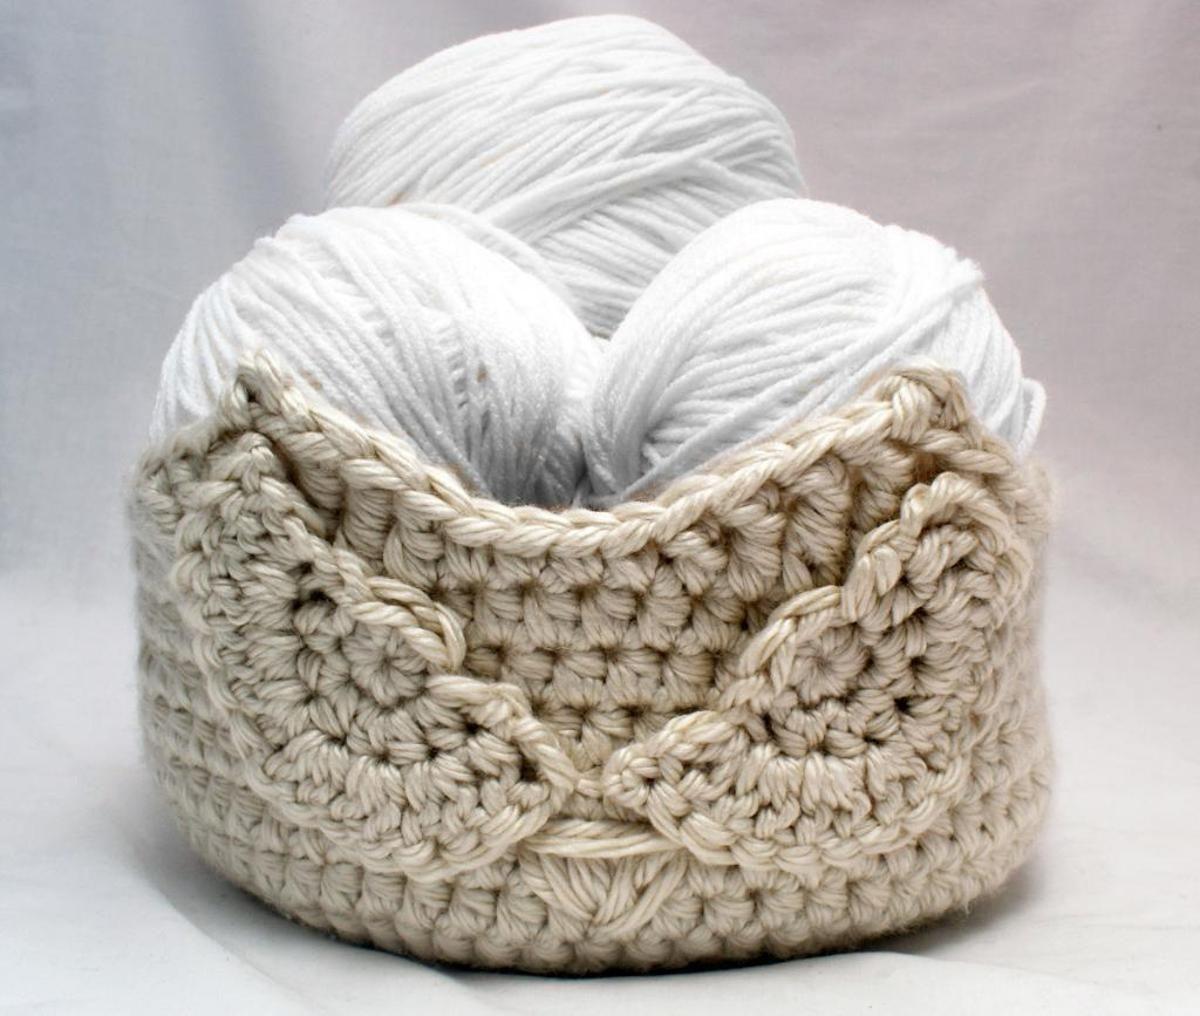 Owl Basket 2 Crochet Kit